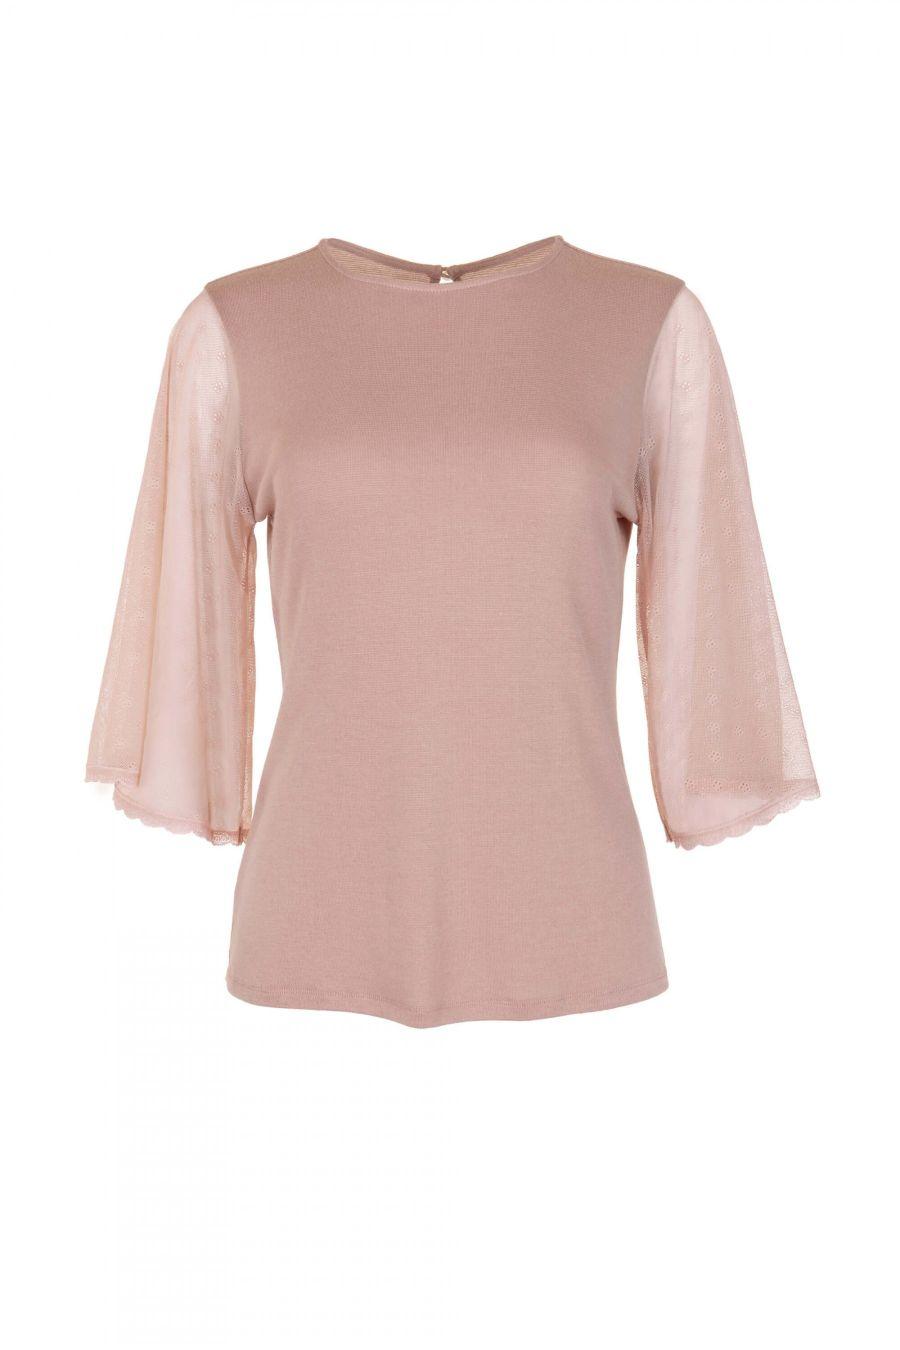 SOFT SPOT Shirt 84379